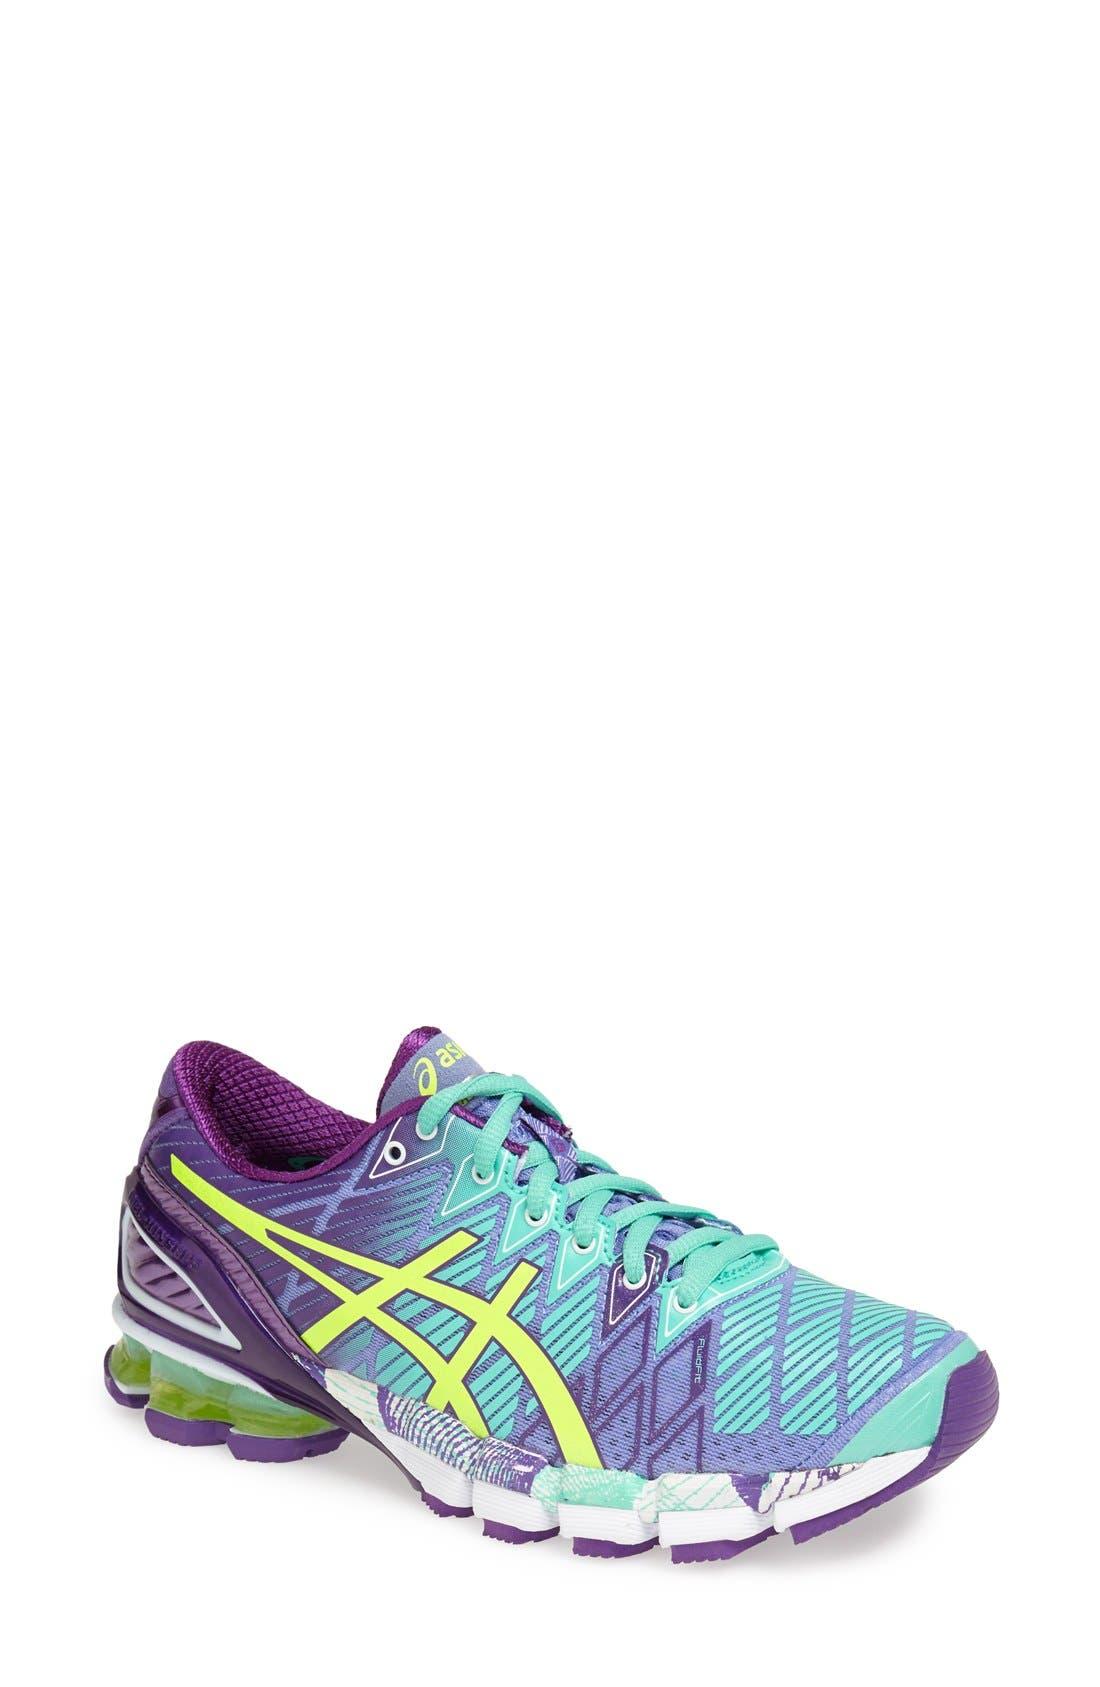 Main Image - ASICS® 'GEL-Kinsei 5' Running Shoe (Women) (Regular Retail Price: $199.95)